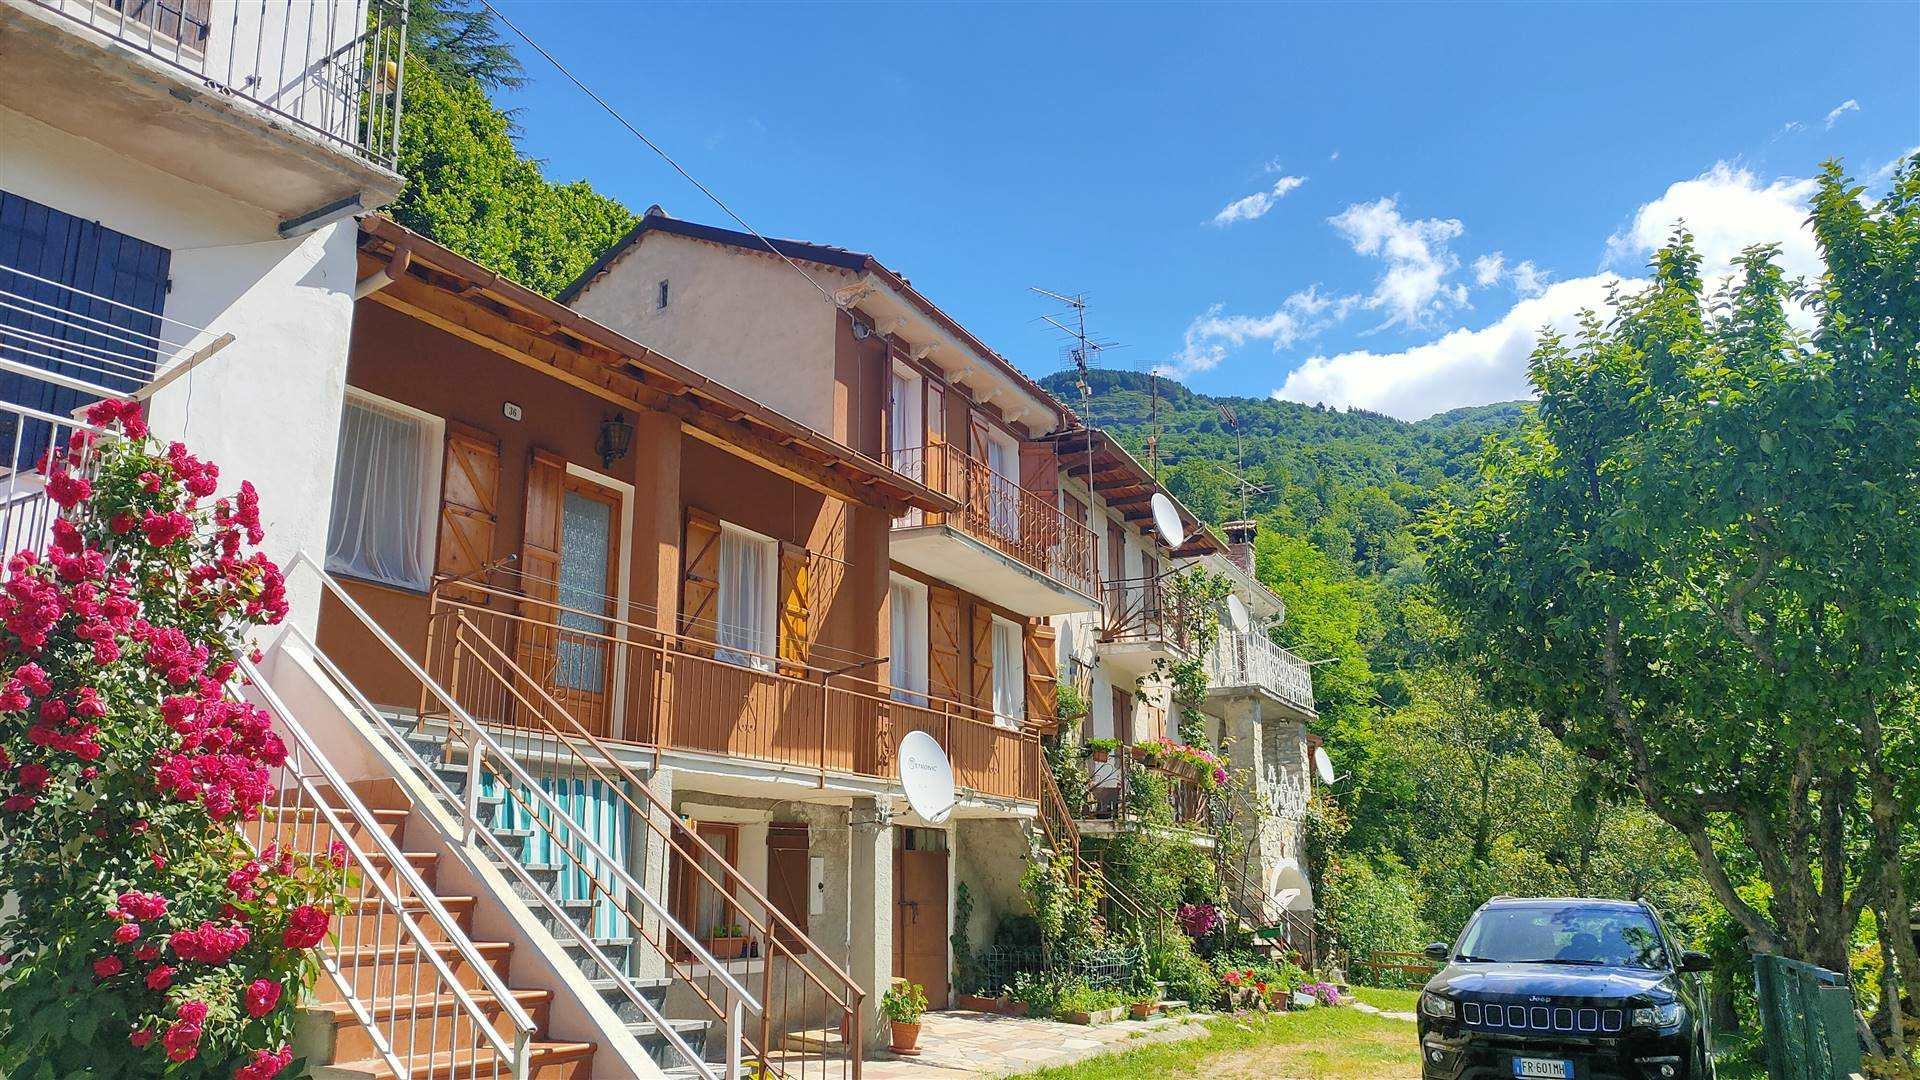 Soluzione Semindipendente in vendita a Cabella Ligure, 3 locali, zona Località: COSOLA, prezzo € 69.000 | CambioCasa.it